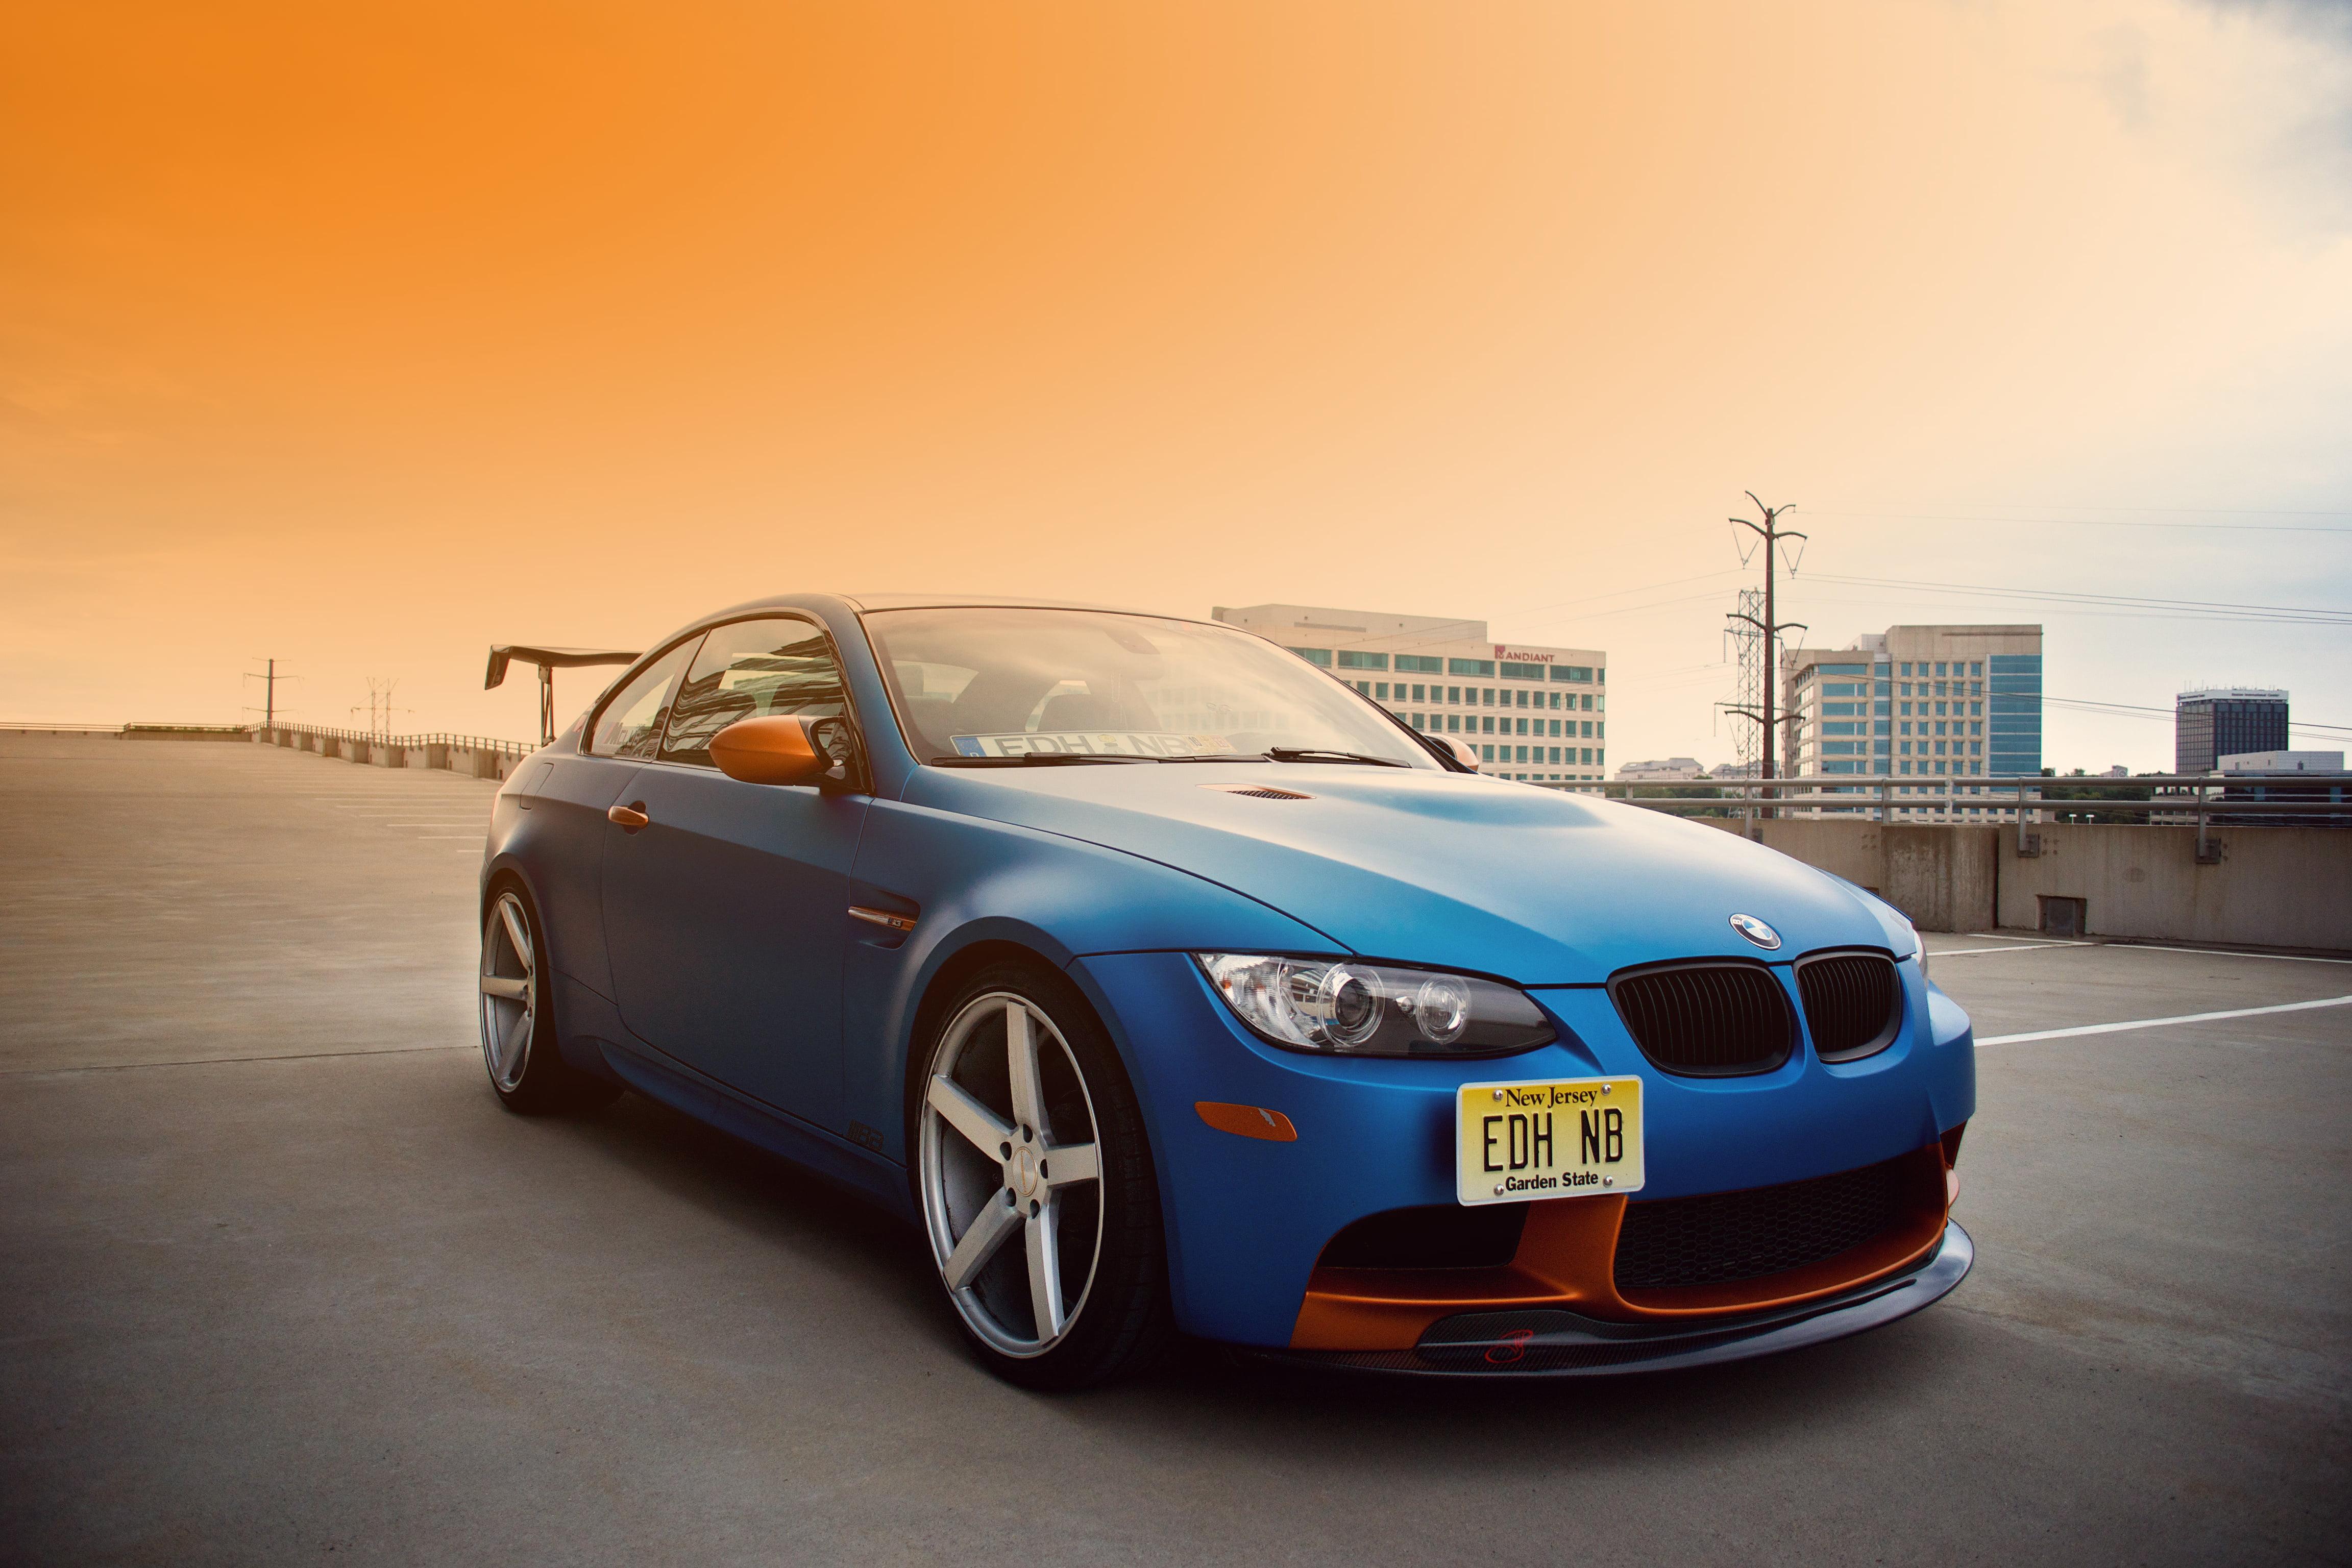 Blue BMW 1M HD wallpaper Wallpaper Flare 4608x3072